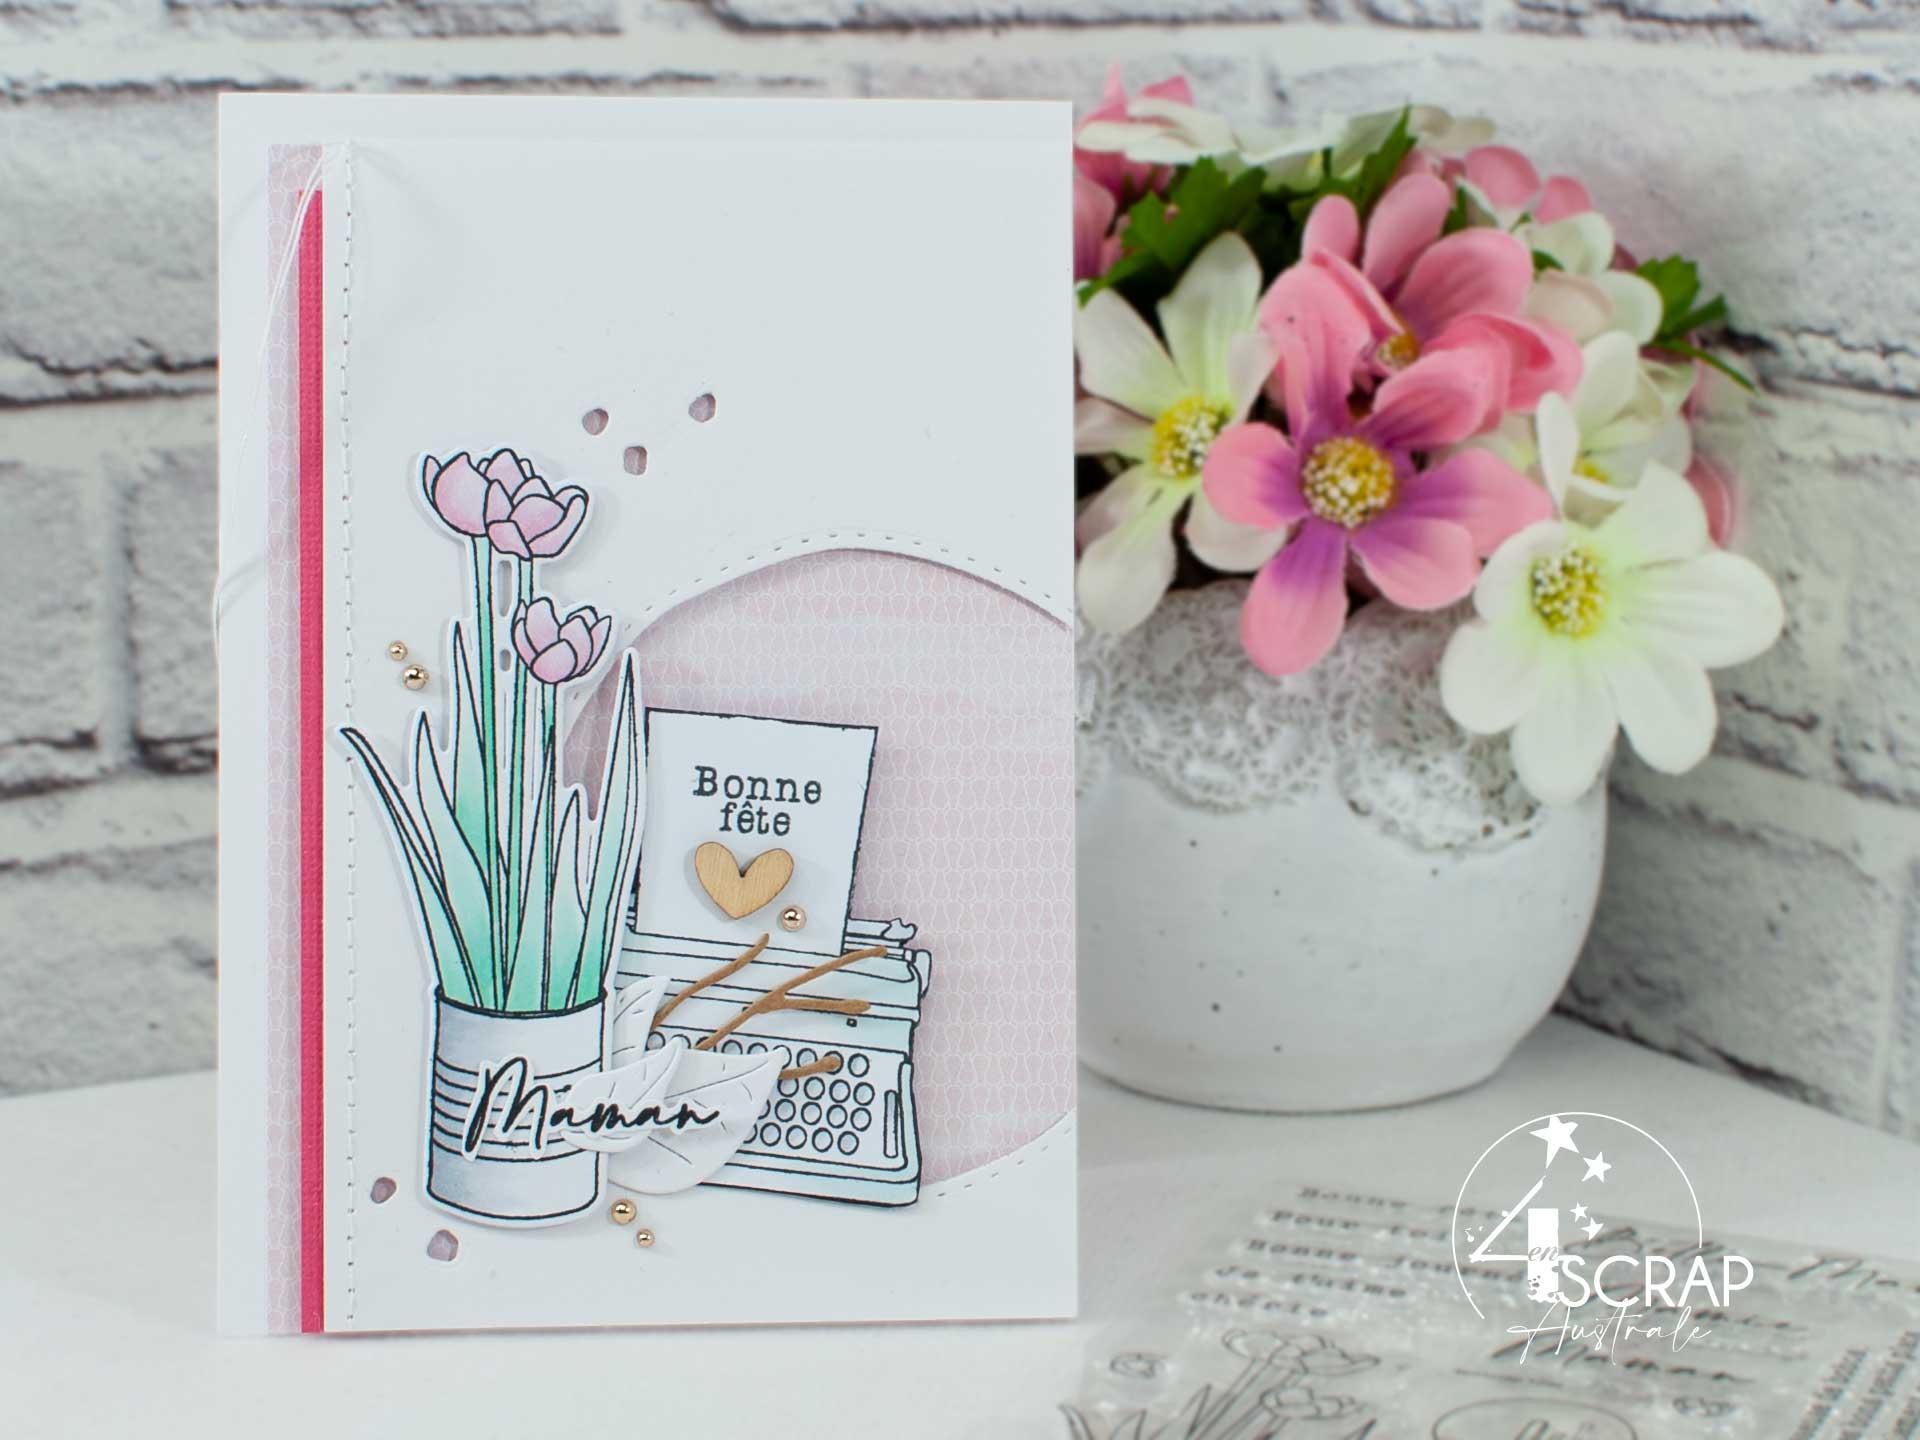 Création d'une carte pour la fête des mères avec un bouquet de tulipes, machine à écrire et quelques feuillages.